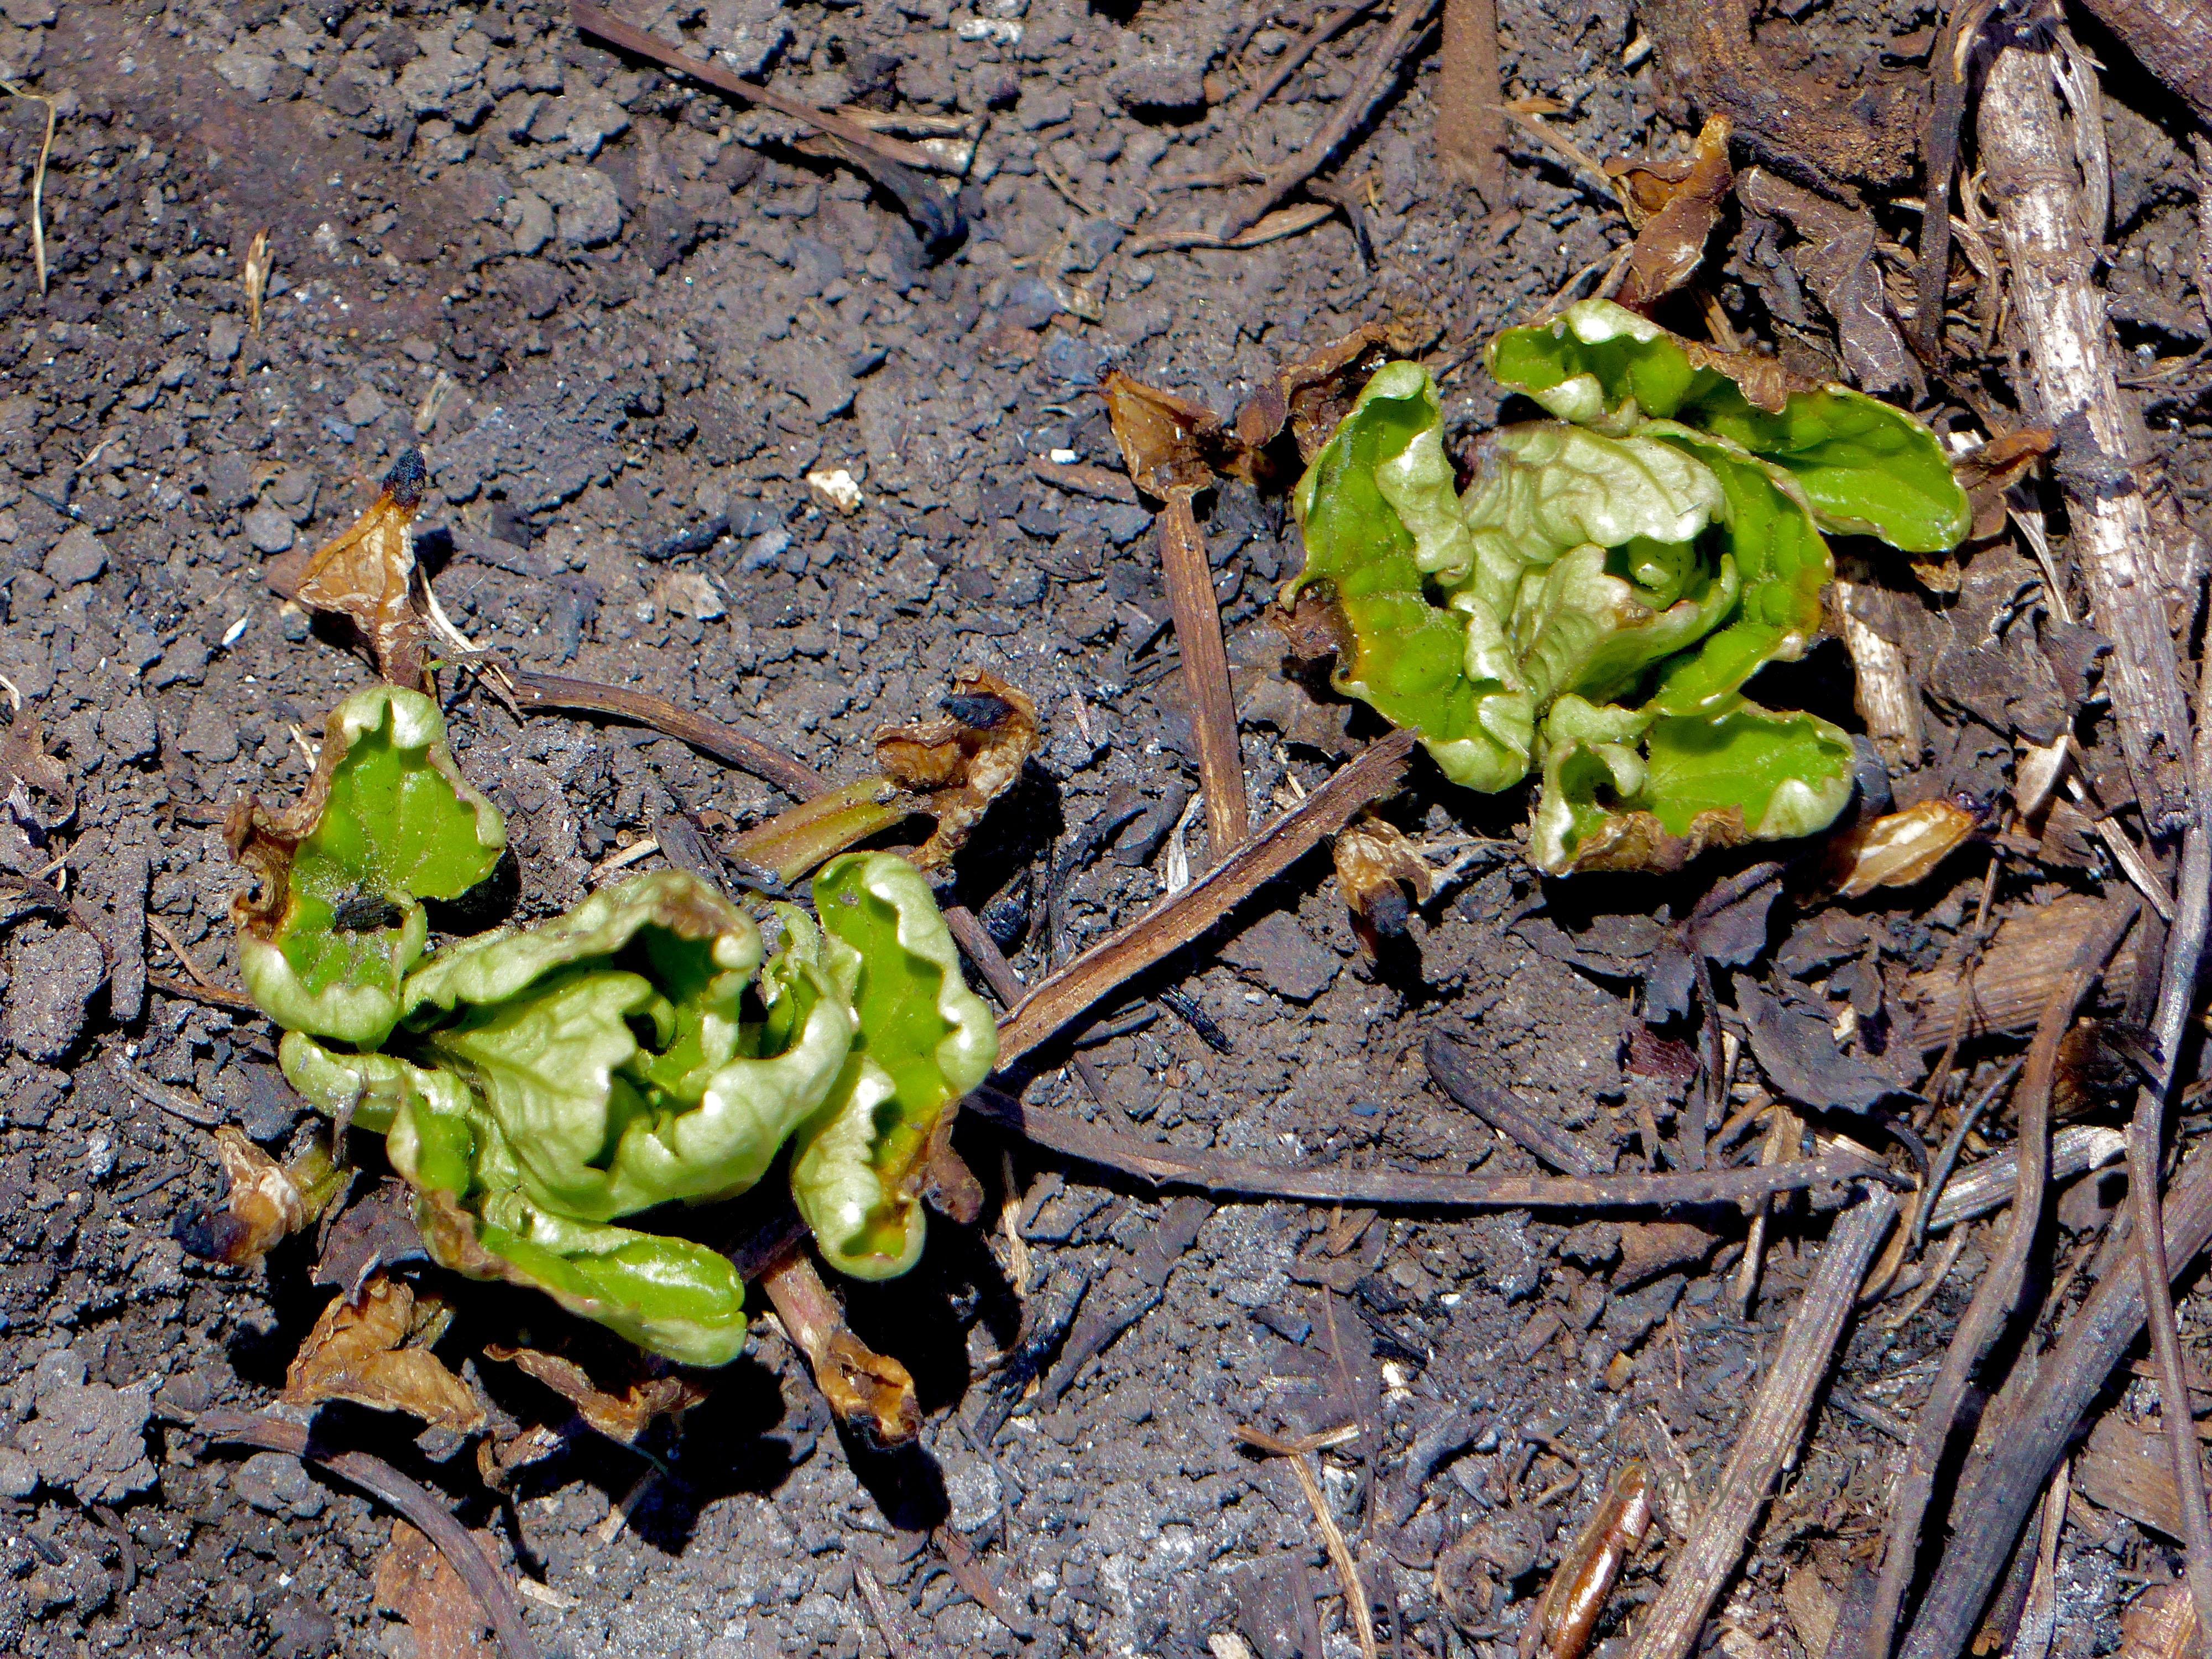 indianplantainSPMA42218watermark.jpg